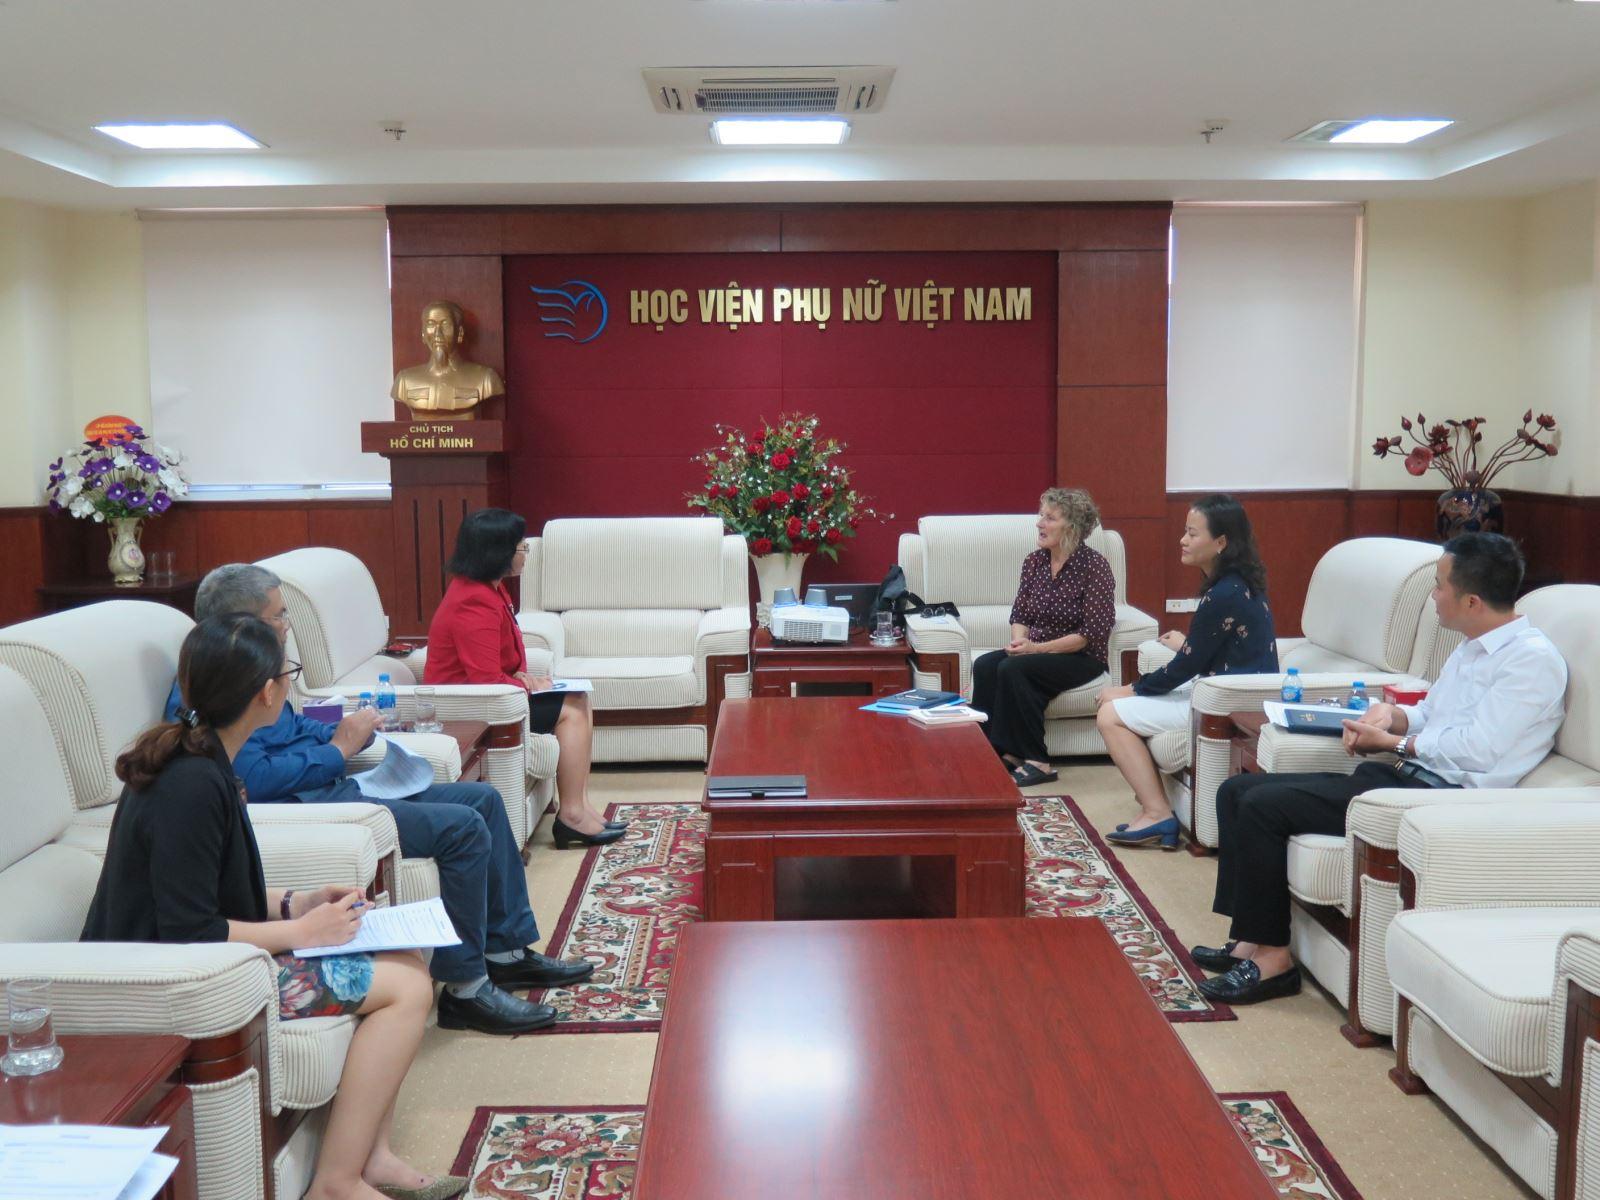 Học viện Phụ nữ Việt Nam đón chuyên gia Australia sang làm việc